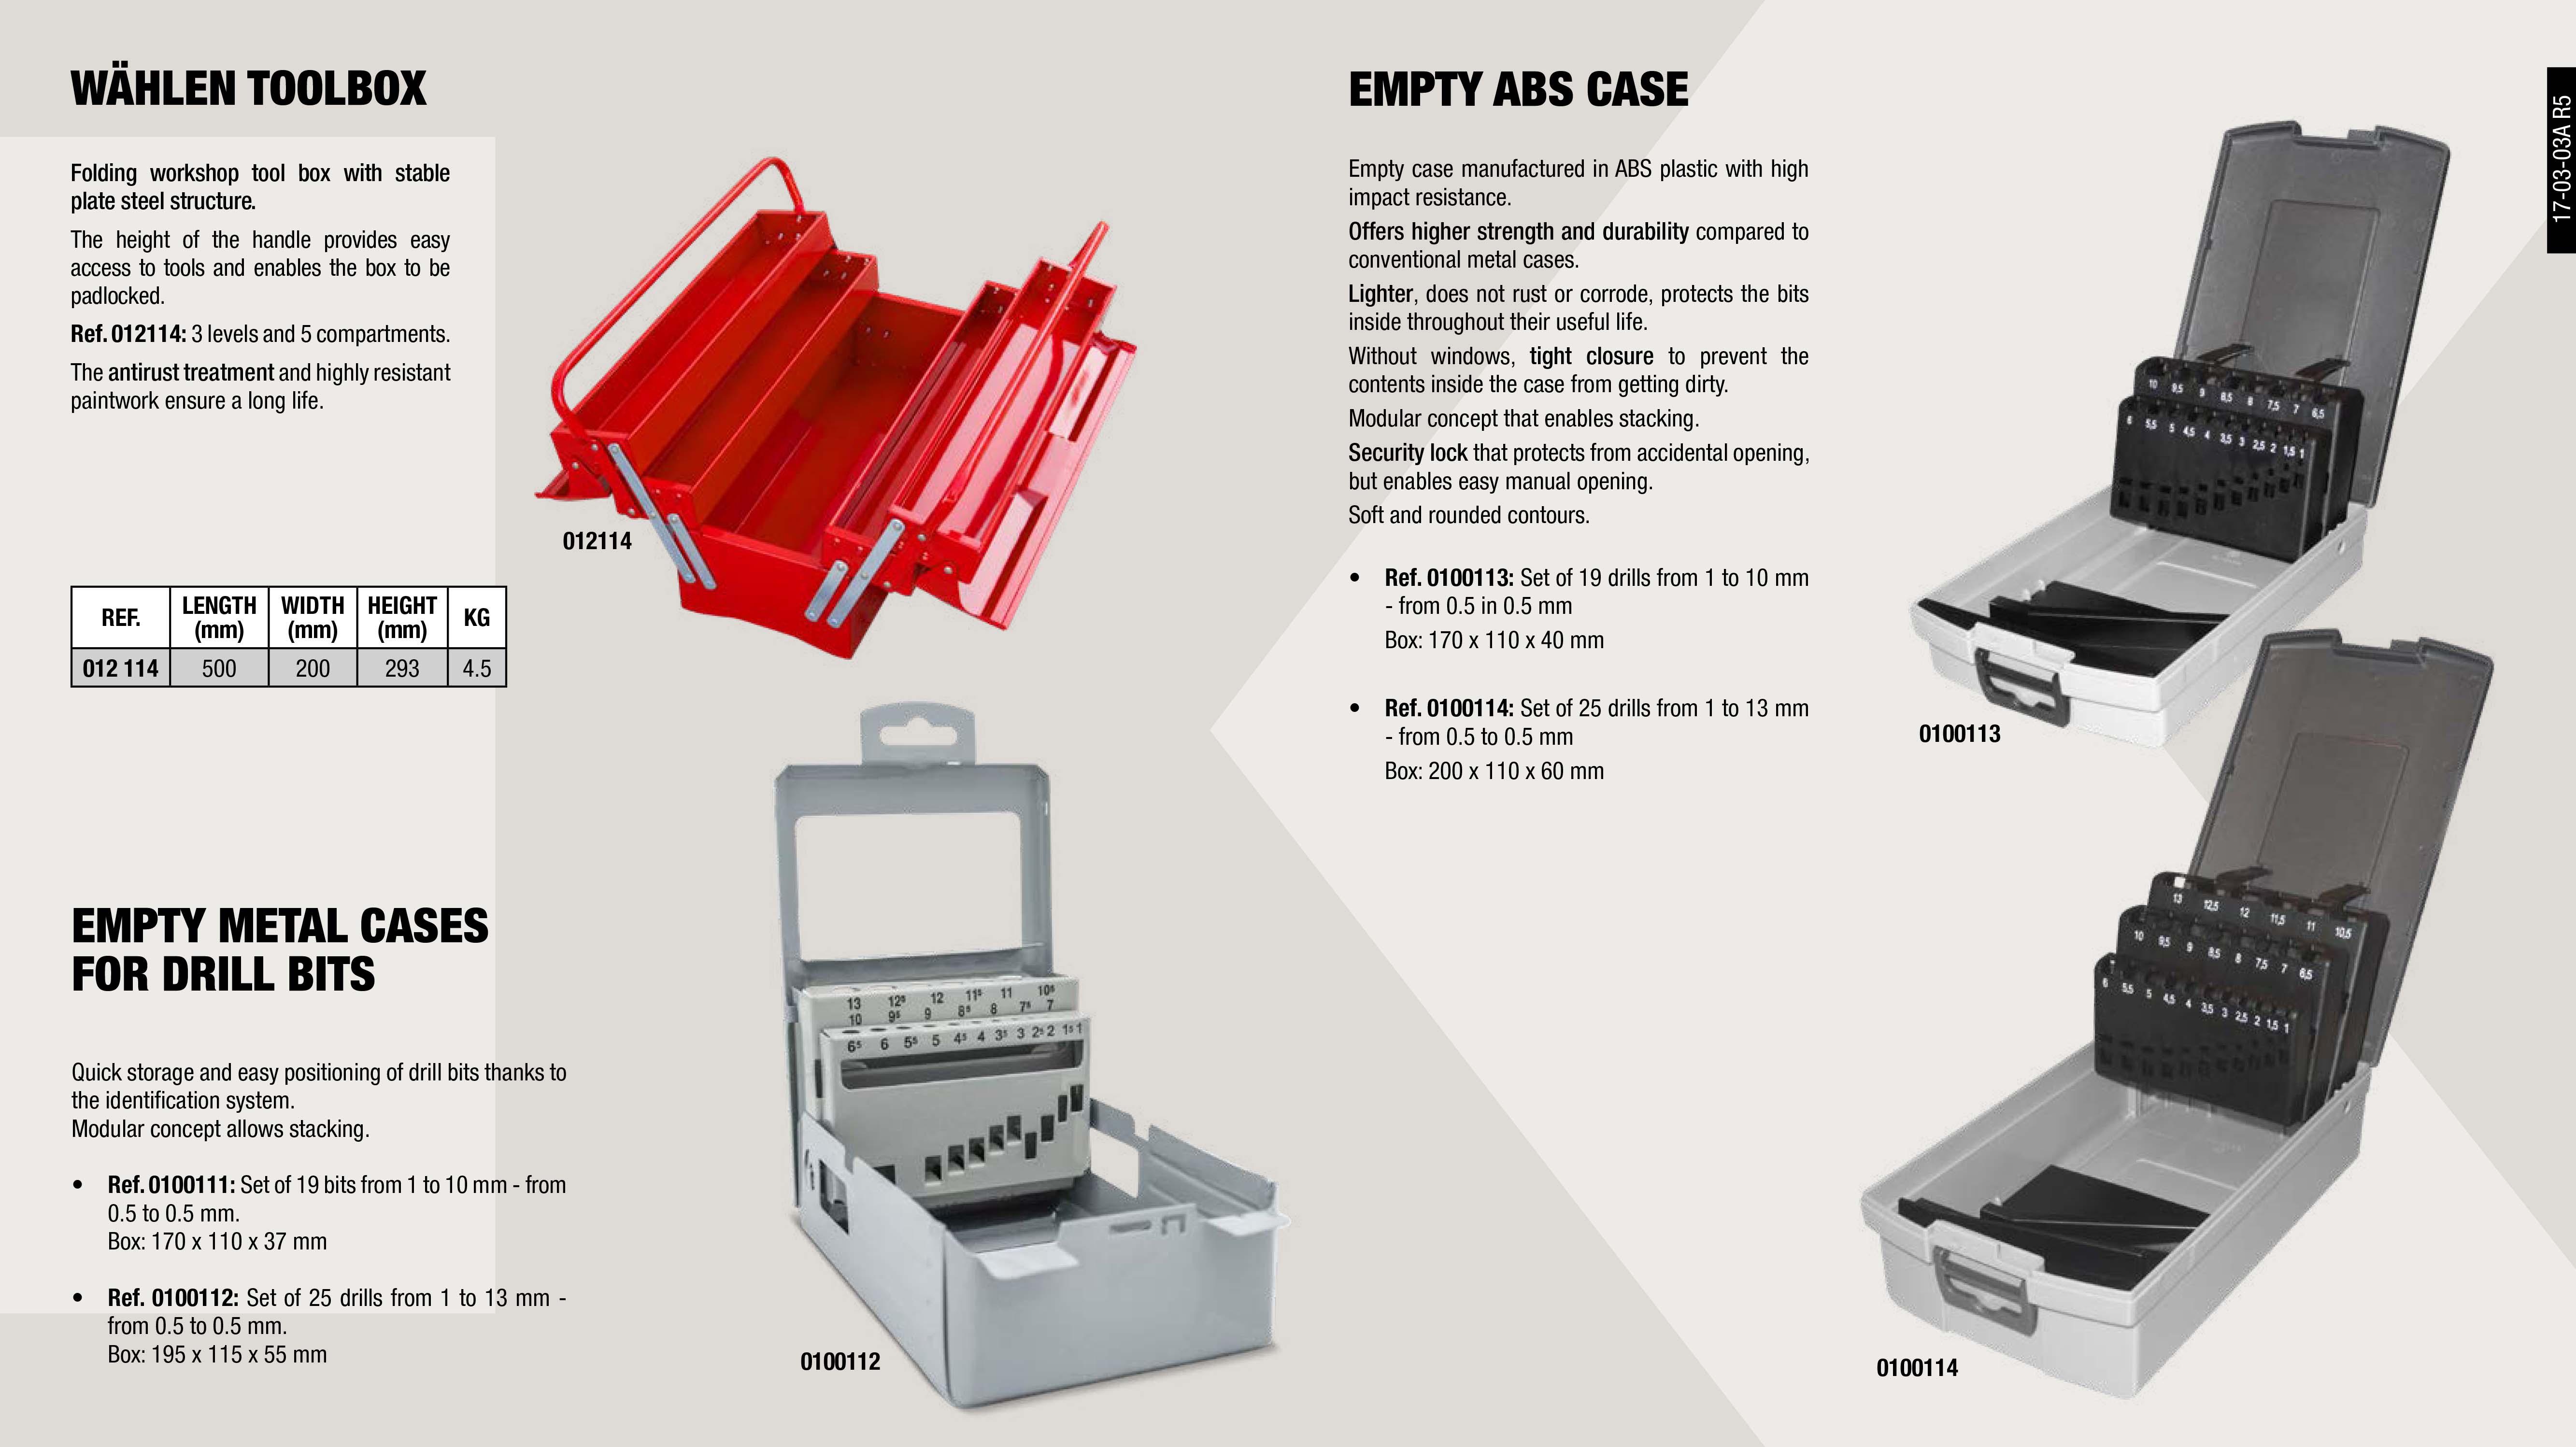 TOOLS BOX WÄHLEN 500X215X240                                ,  EMPTY TWIST DRILL ASSORT 25 UNITS                           ,  TOOLS BOX WÄHLEN 400X215X240                                ,  EMPTY TWIST DRILL ASSORT 19 UNITS                           ,